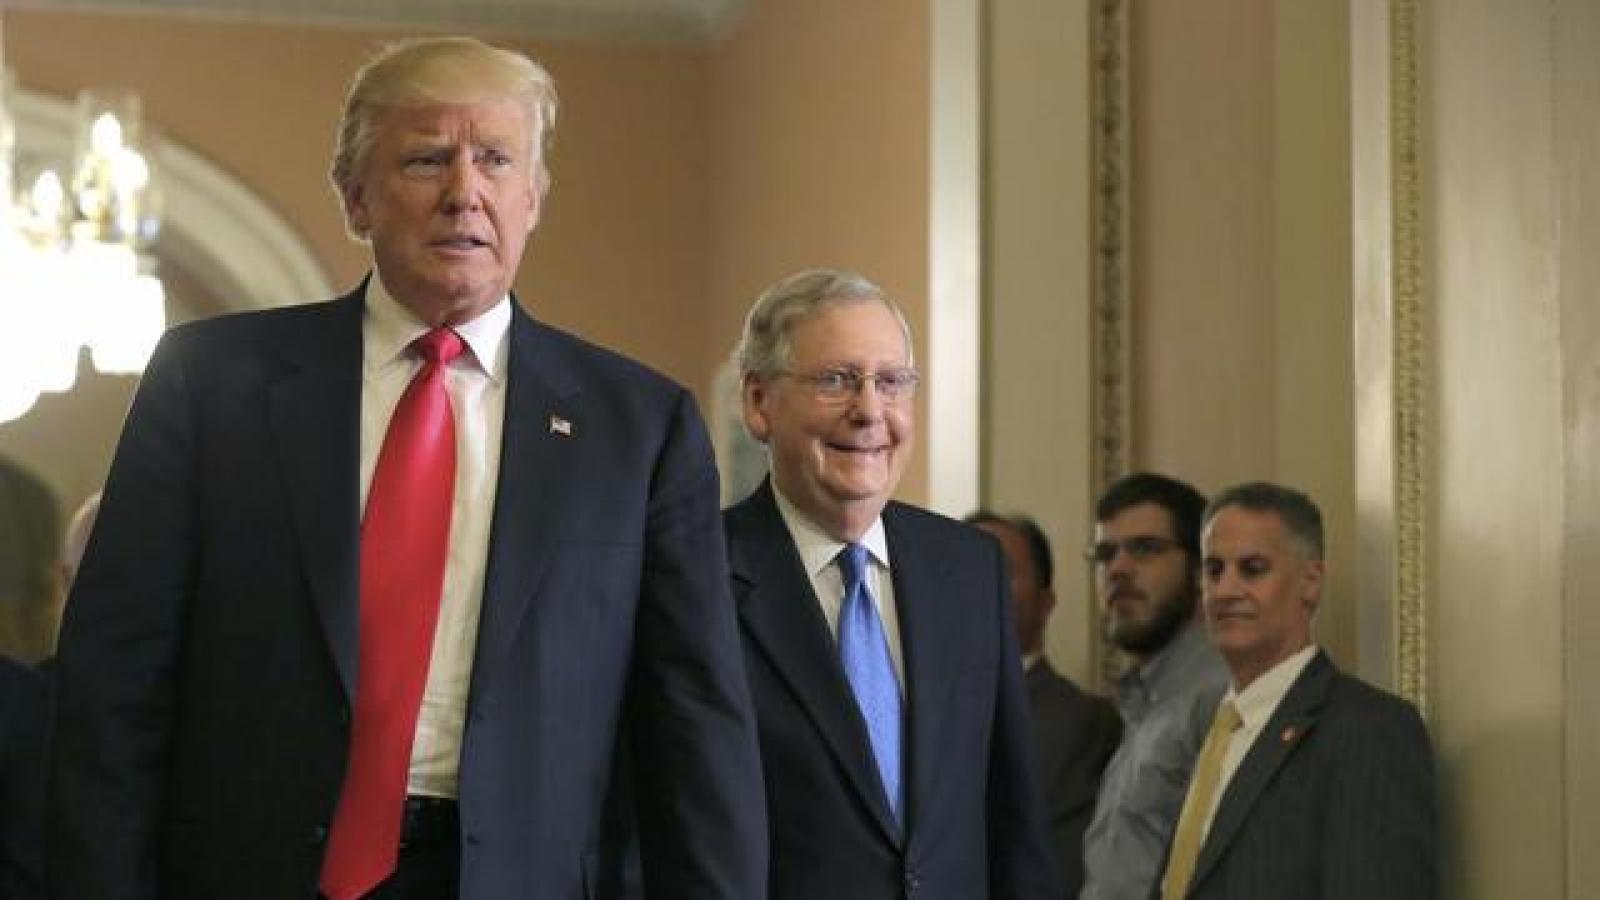 Ông Trump có thể bị luận tội sau vụ hỗn loạn tại Quốc hội Mỹ